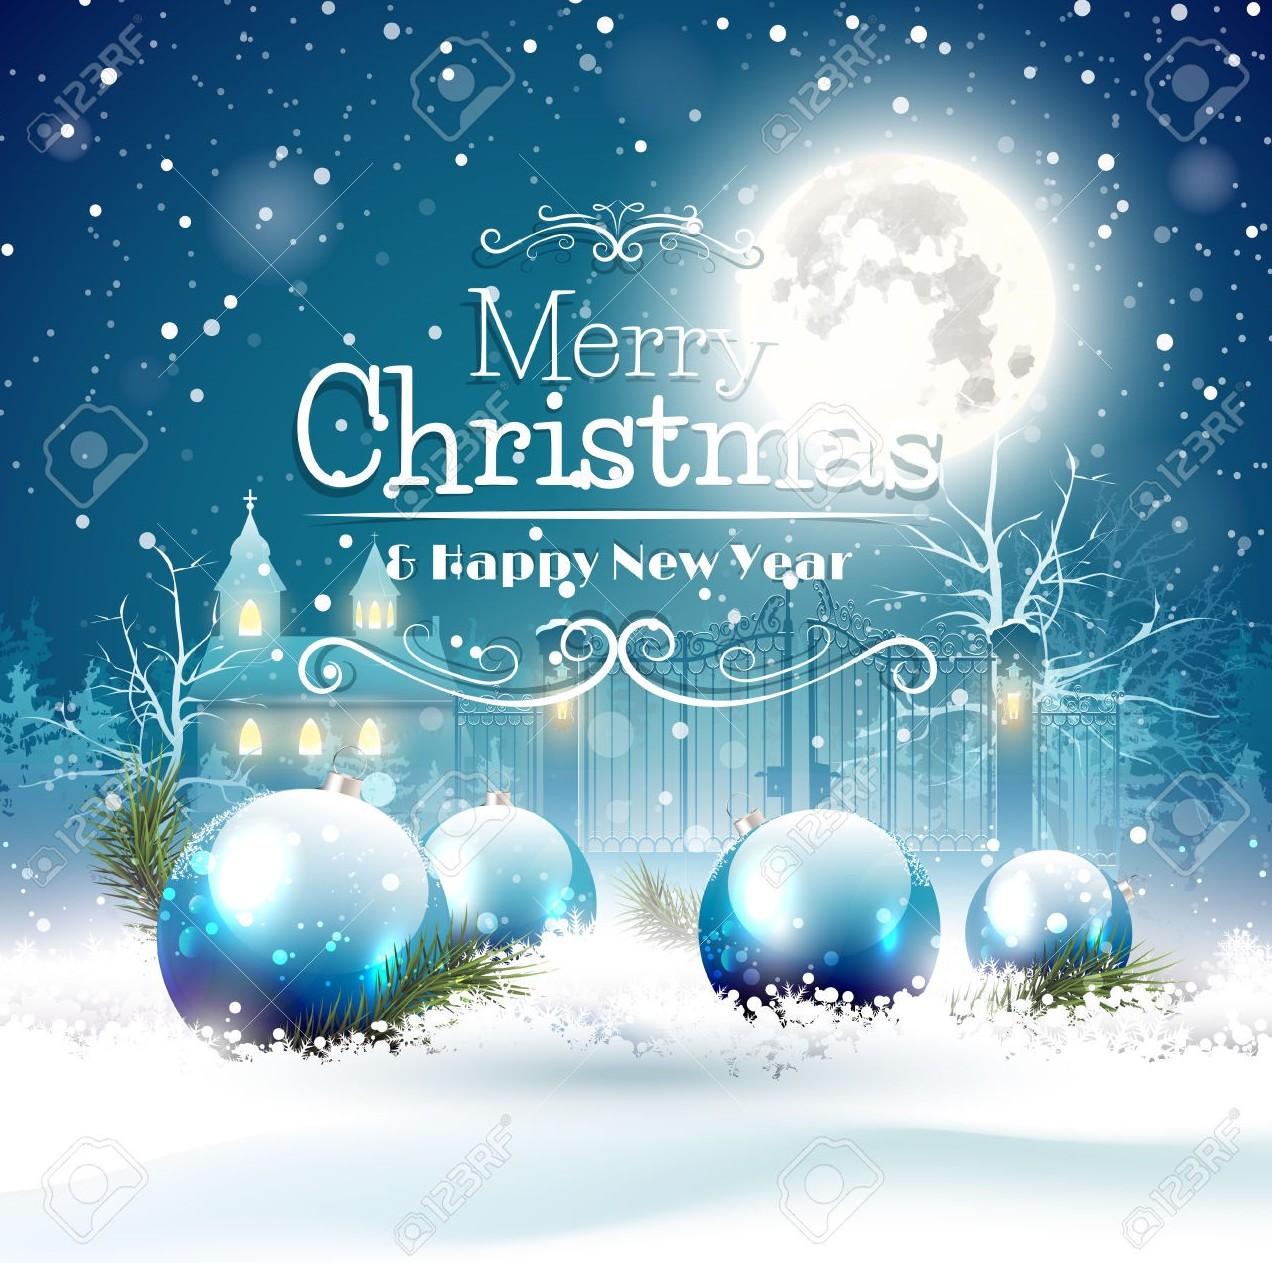 Cartoline Di Auguri Di Natale.Frasi Auguri Di Natale 2016 E Buone Feste 2016 Con Video Immagini